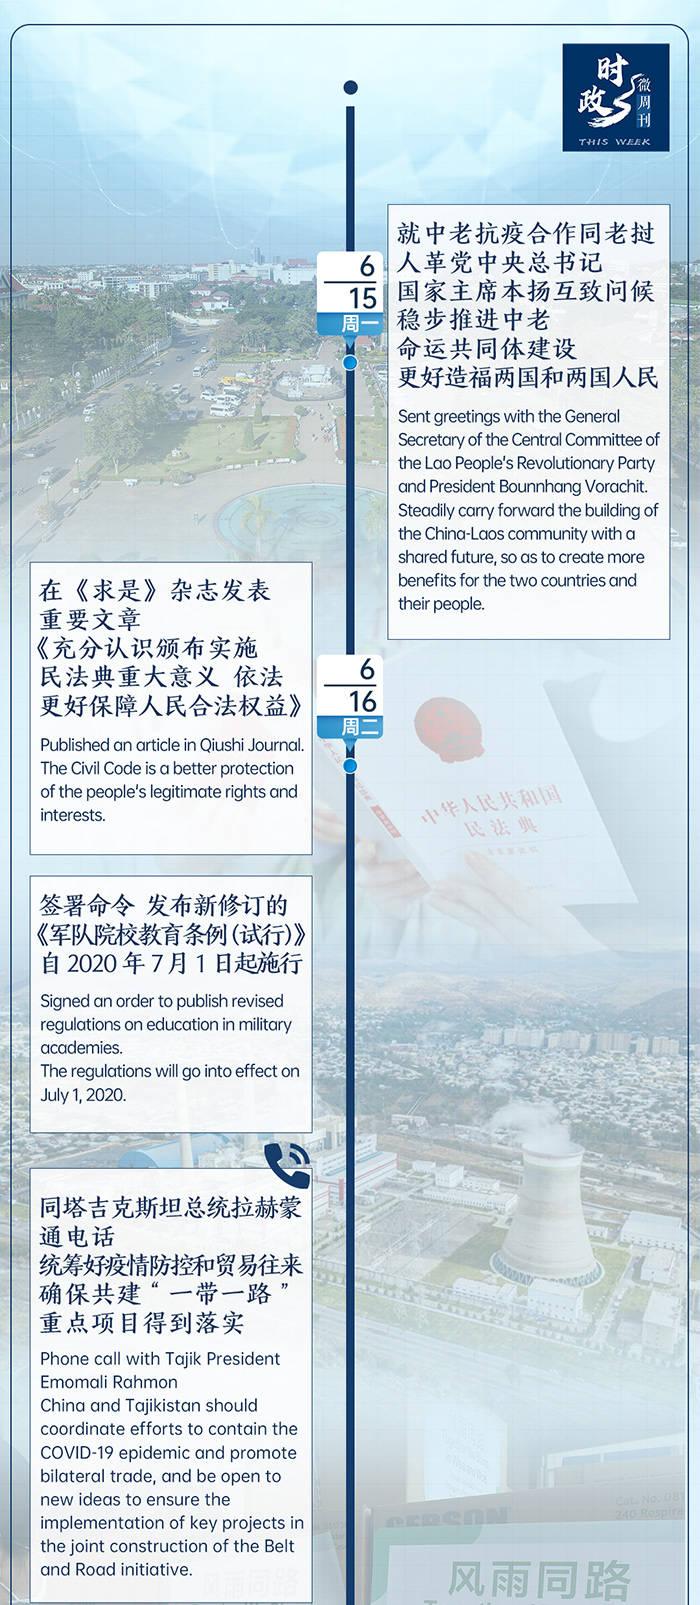 时政微周刊丨总书记的一周(6月15日—6月21日)